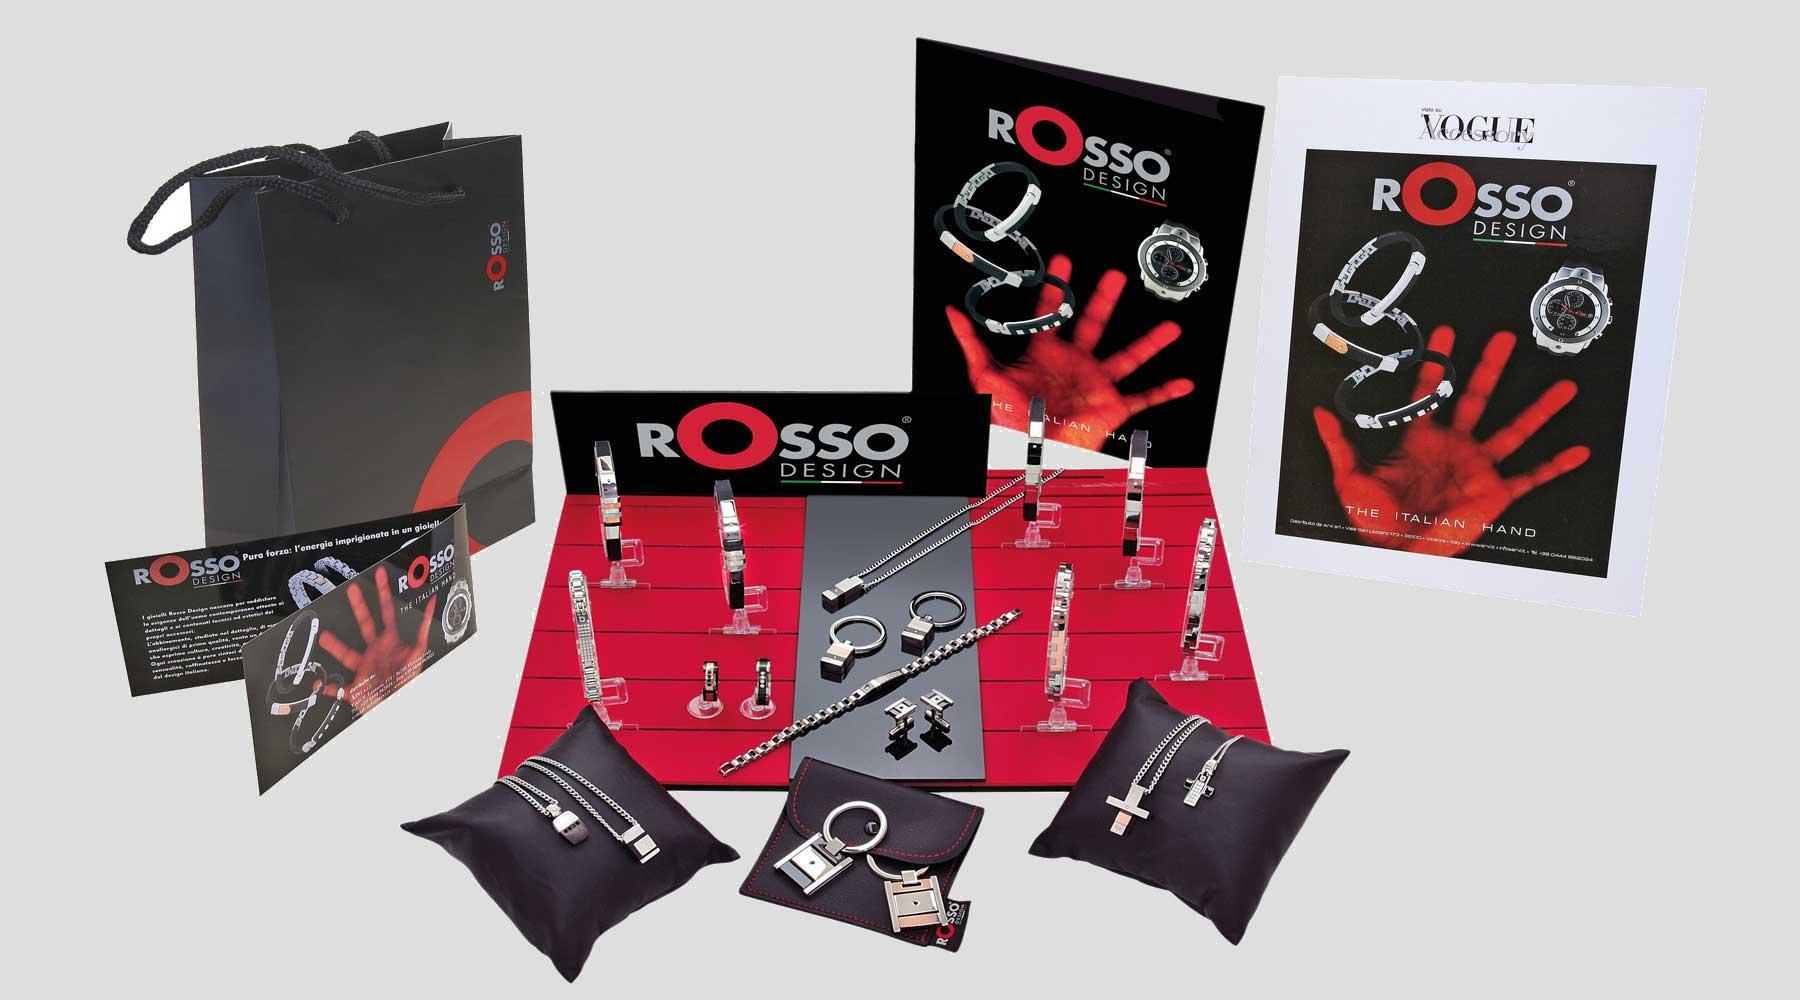 Espositore rosso design